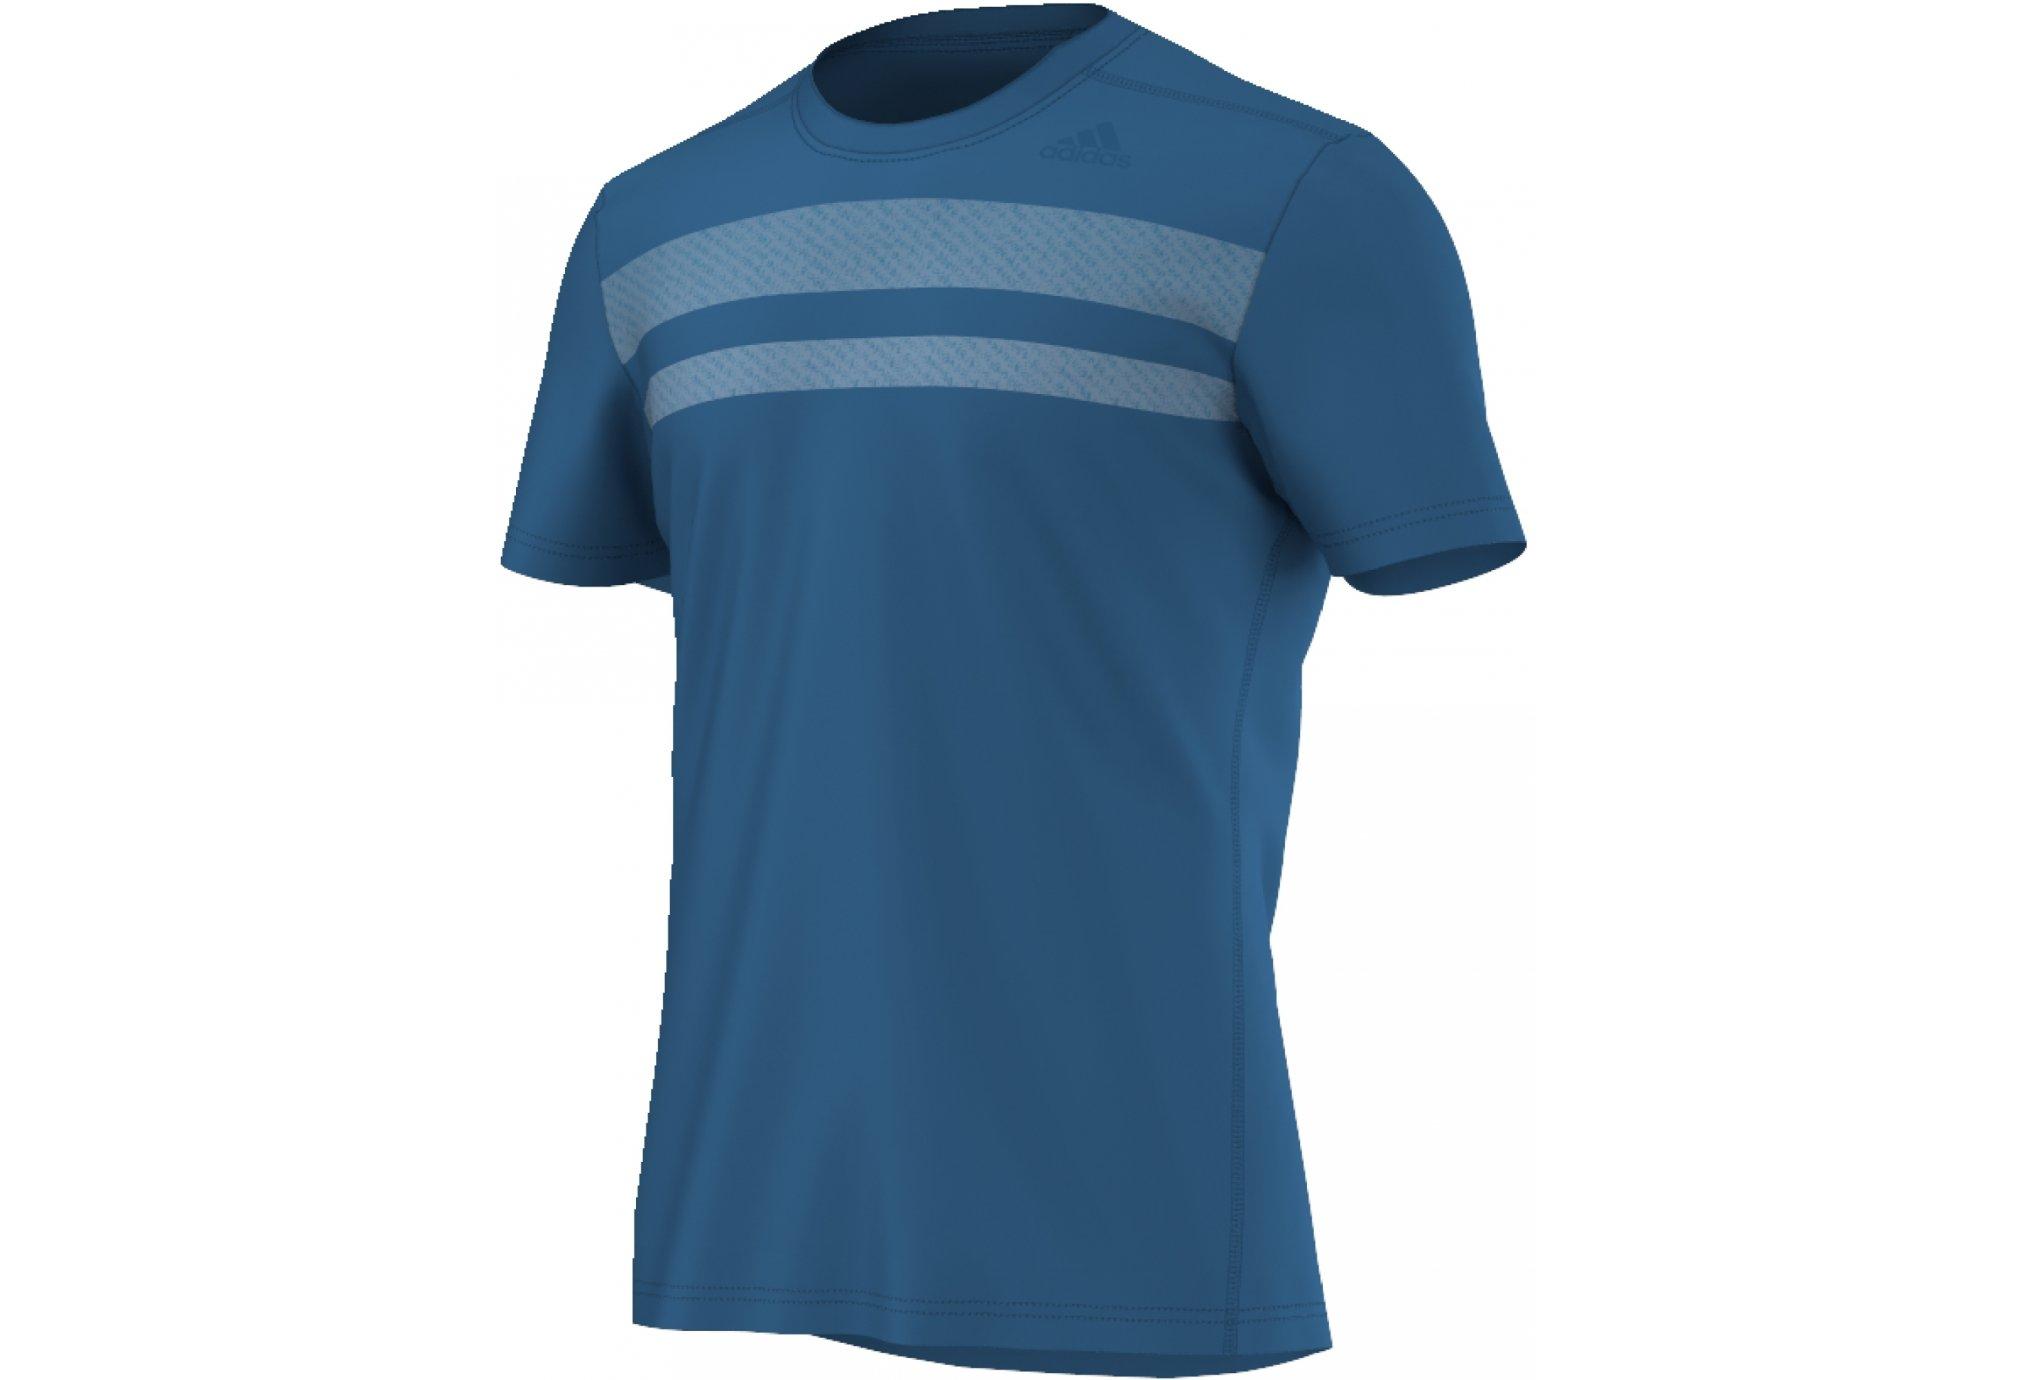 adidas Tee-Shirt Kanoi Graphic M Diététique Vêtements homme